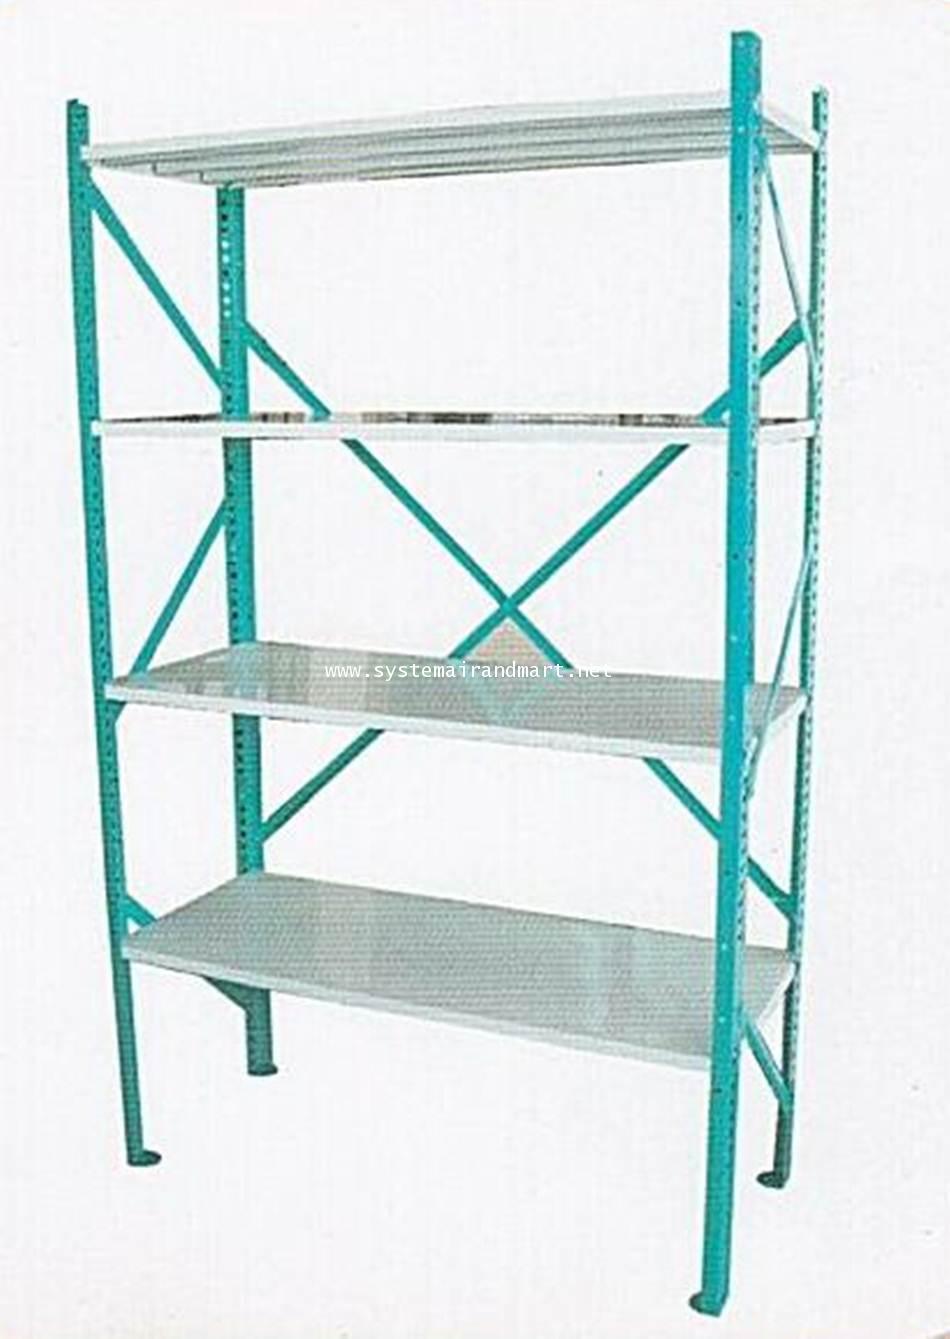 ชั้นแลคสตีล เซฟวิ่ง 4 ชั้น Rack Steel Shelving 100 cm